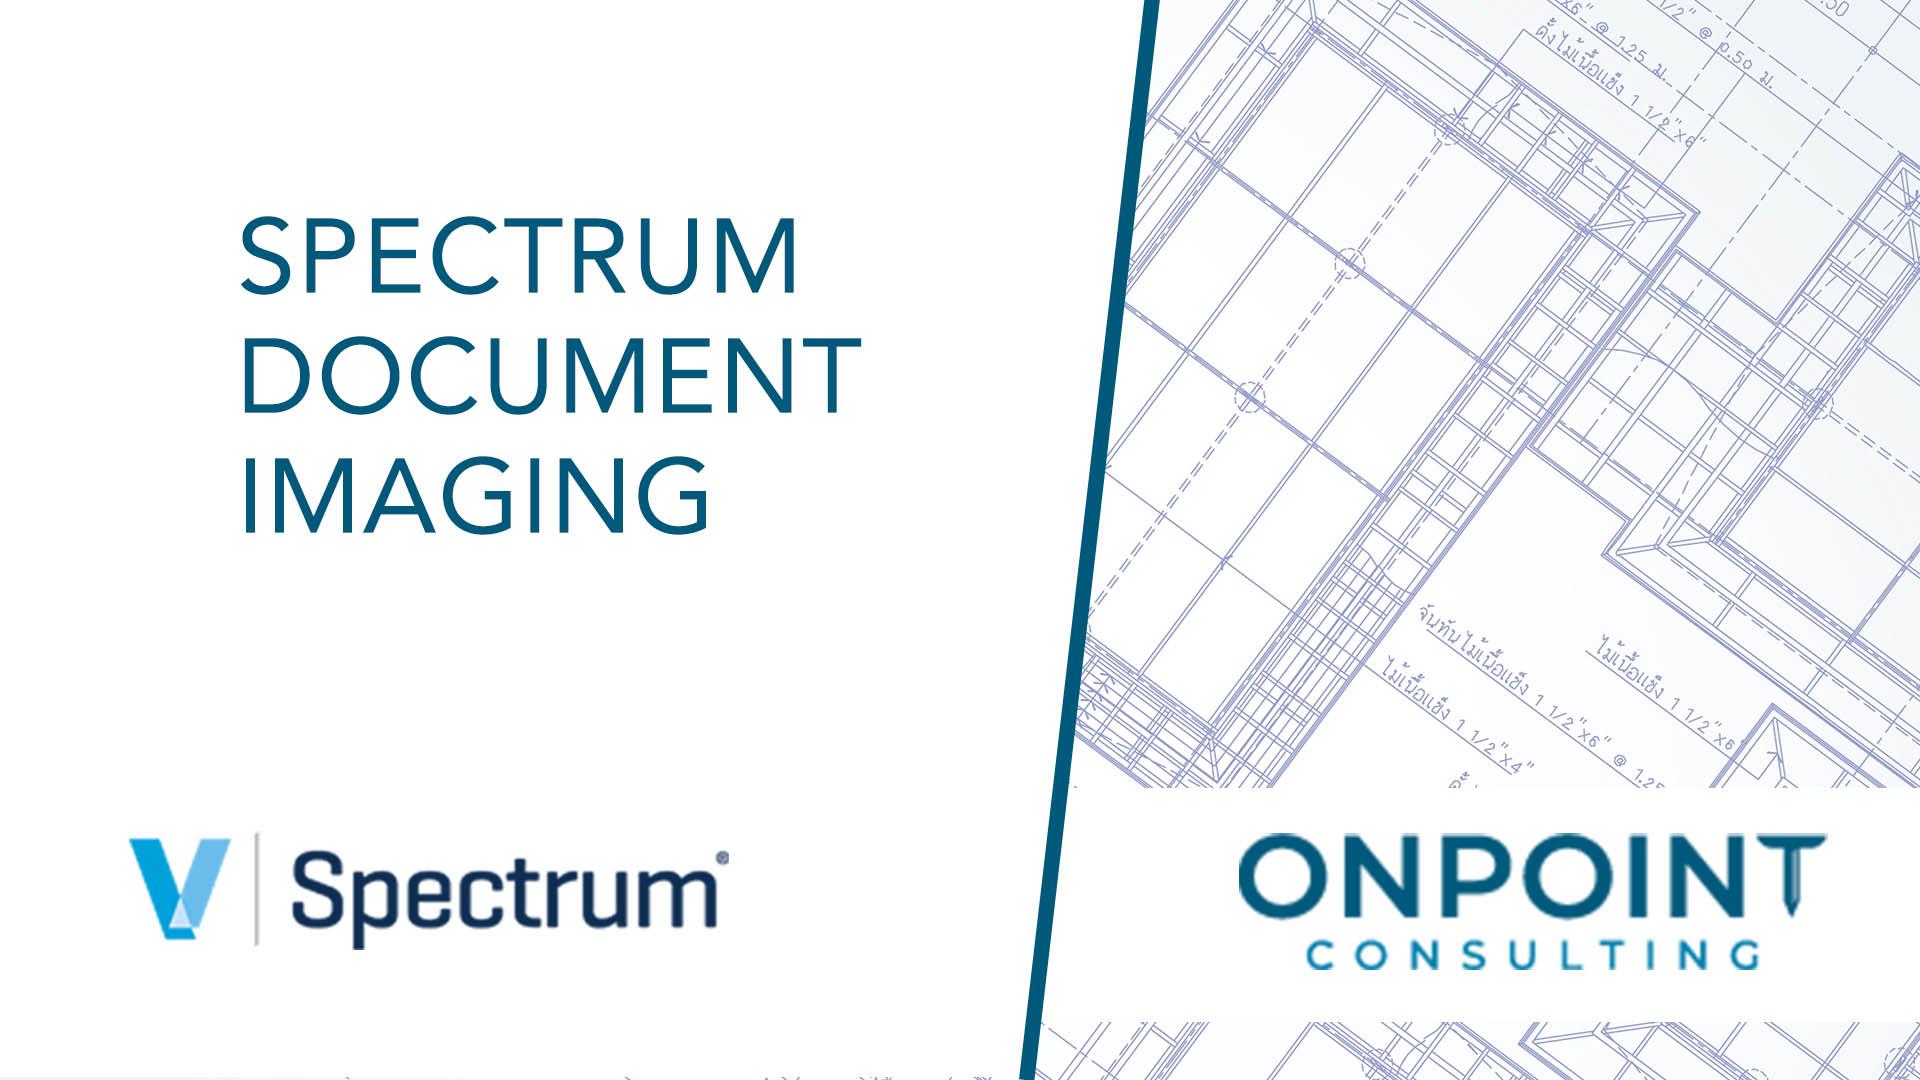 Spectrum Document Imaging